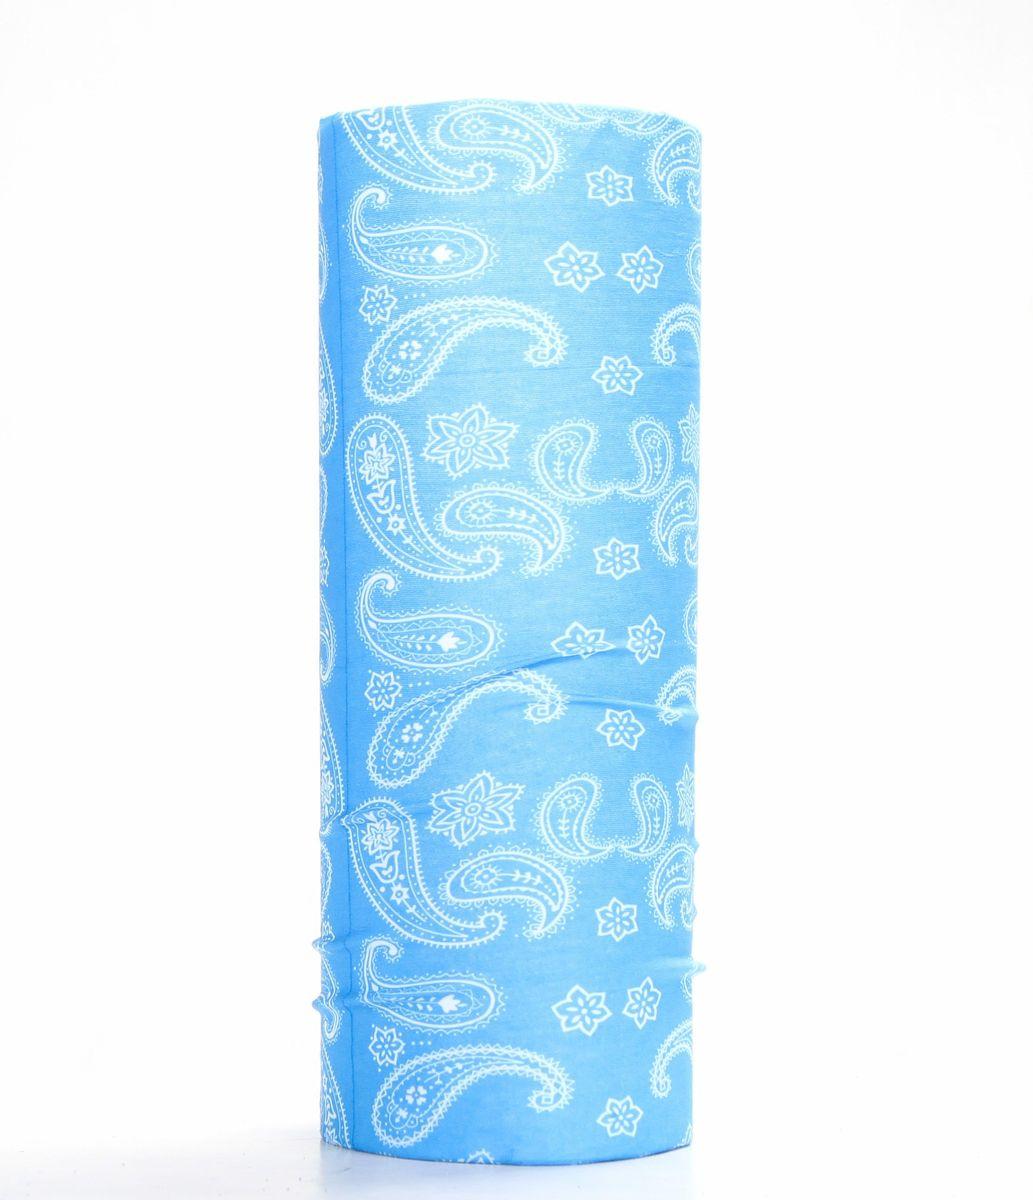 Шарф15-33Мультишарфы можно встретить под разными названиями: мультишарф, мультибандана, платок трансформер, Baff, но вне зависимости от того как Вы назовете этот аксессуар, его уникальные возможности останутся неизменными. Вы с легкостью и удобством можете одеть этот мультишарф на голову и шею 12 различными способами. В сильные морозы, пронизывающий ветер или пыльную бурю - с мультишарфом Вы будуте готовы к любым капризам природы Авторская работа.